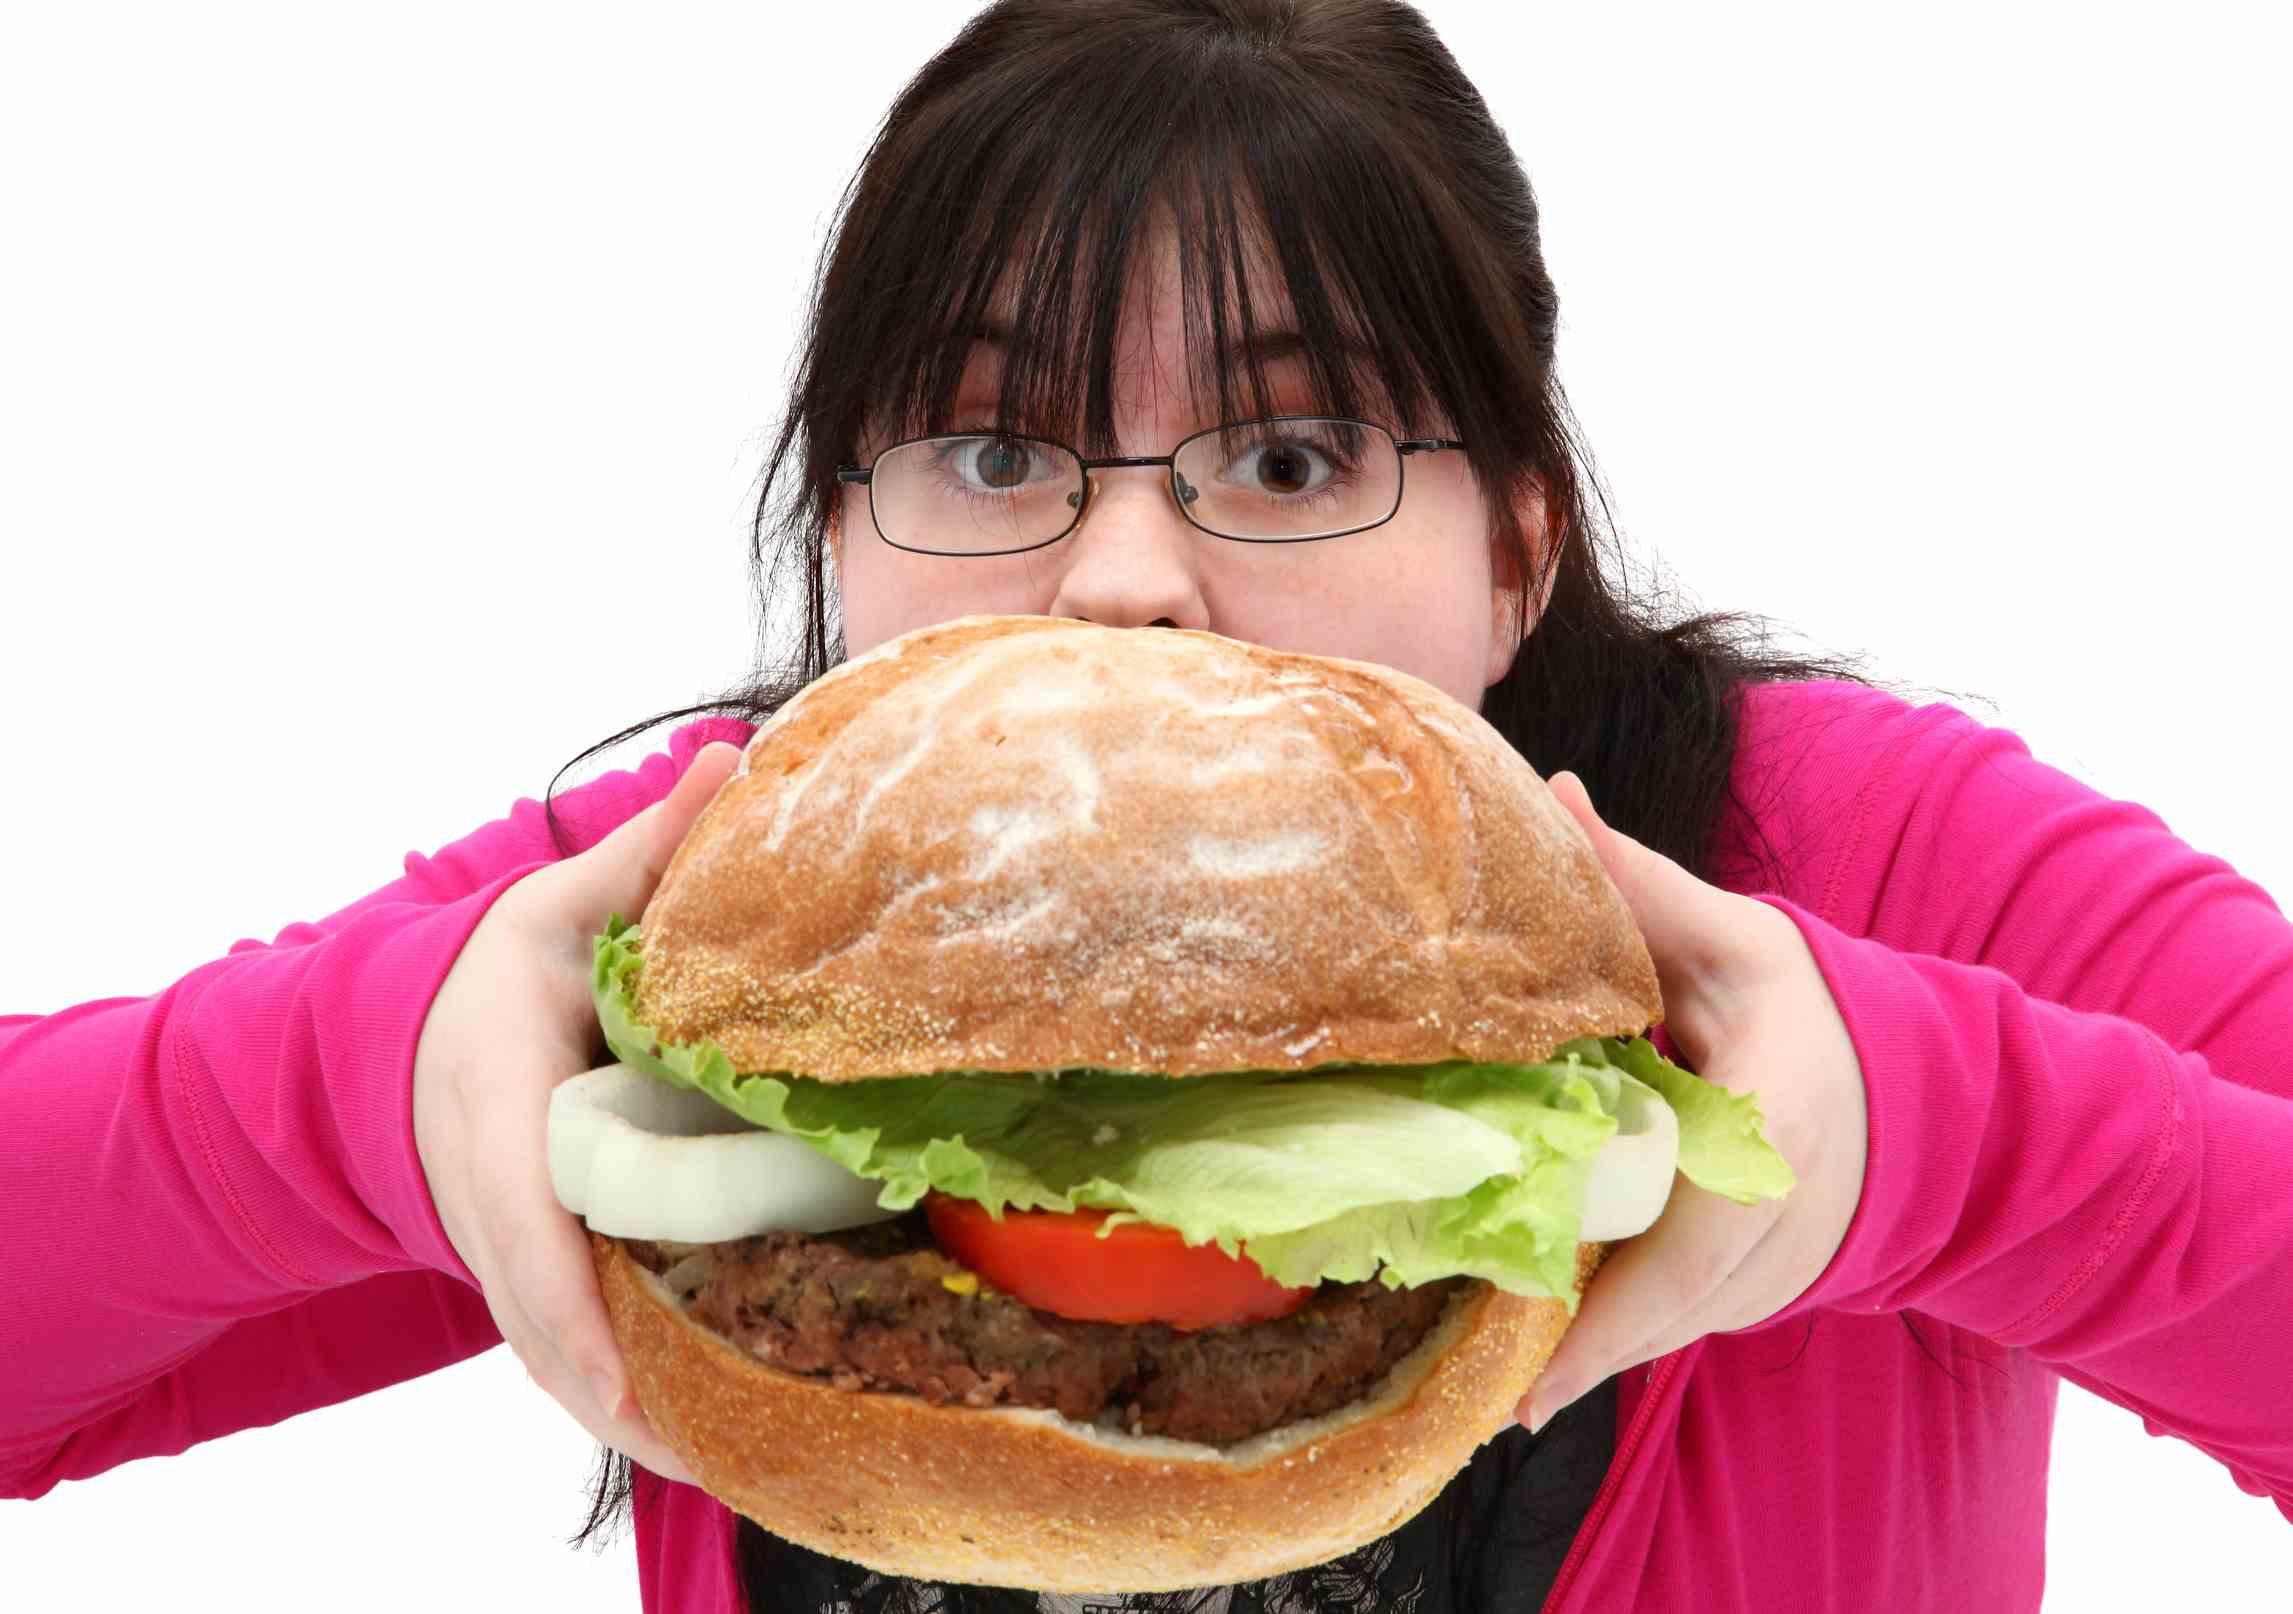 İştah Artırmak İçin Ne Yapmalı: İştahı Artırmanın Yolları